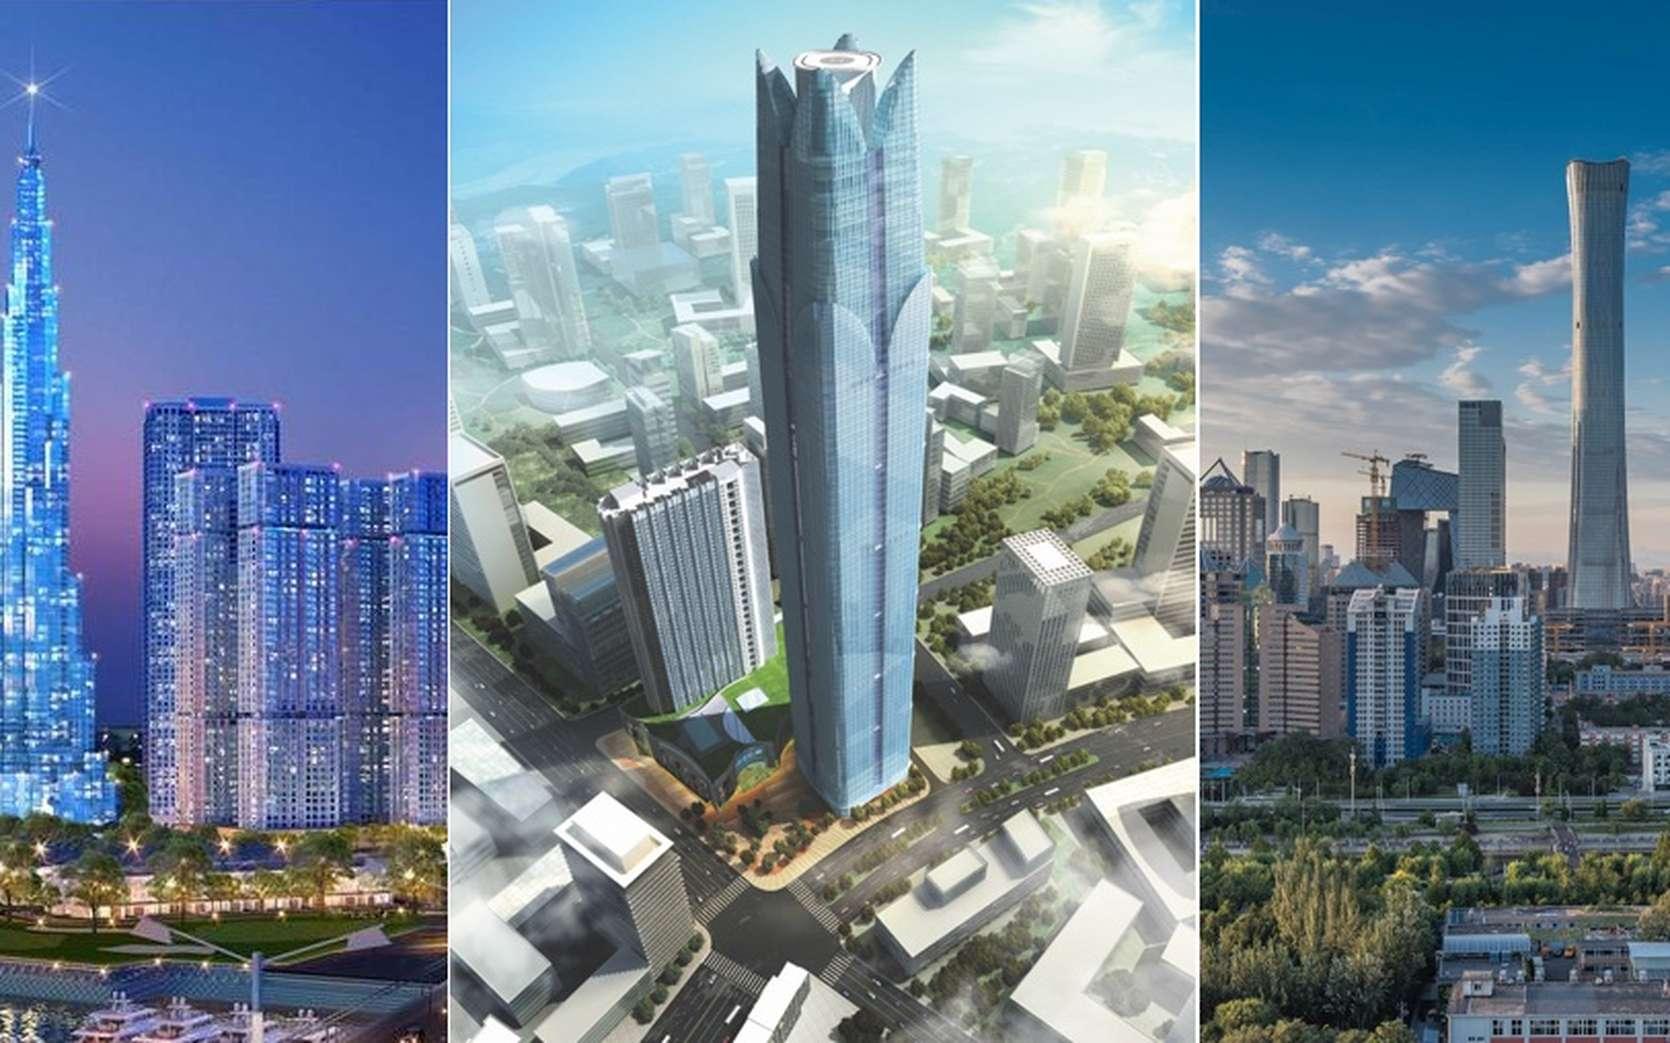 En 2018, on compte 1.478 gratte-ciel de plus de 200 mètres dans le monde, une hausse de 141 % par rapport à 2010. © C.D., CTBUH